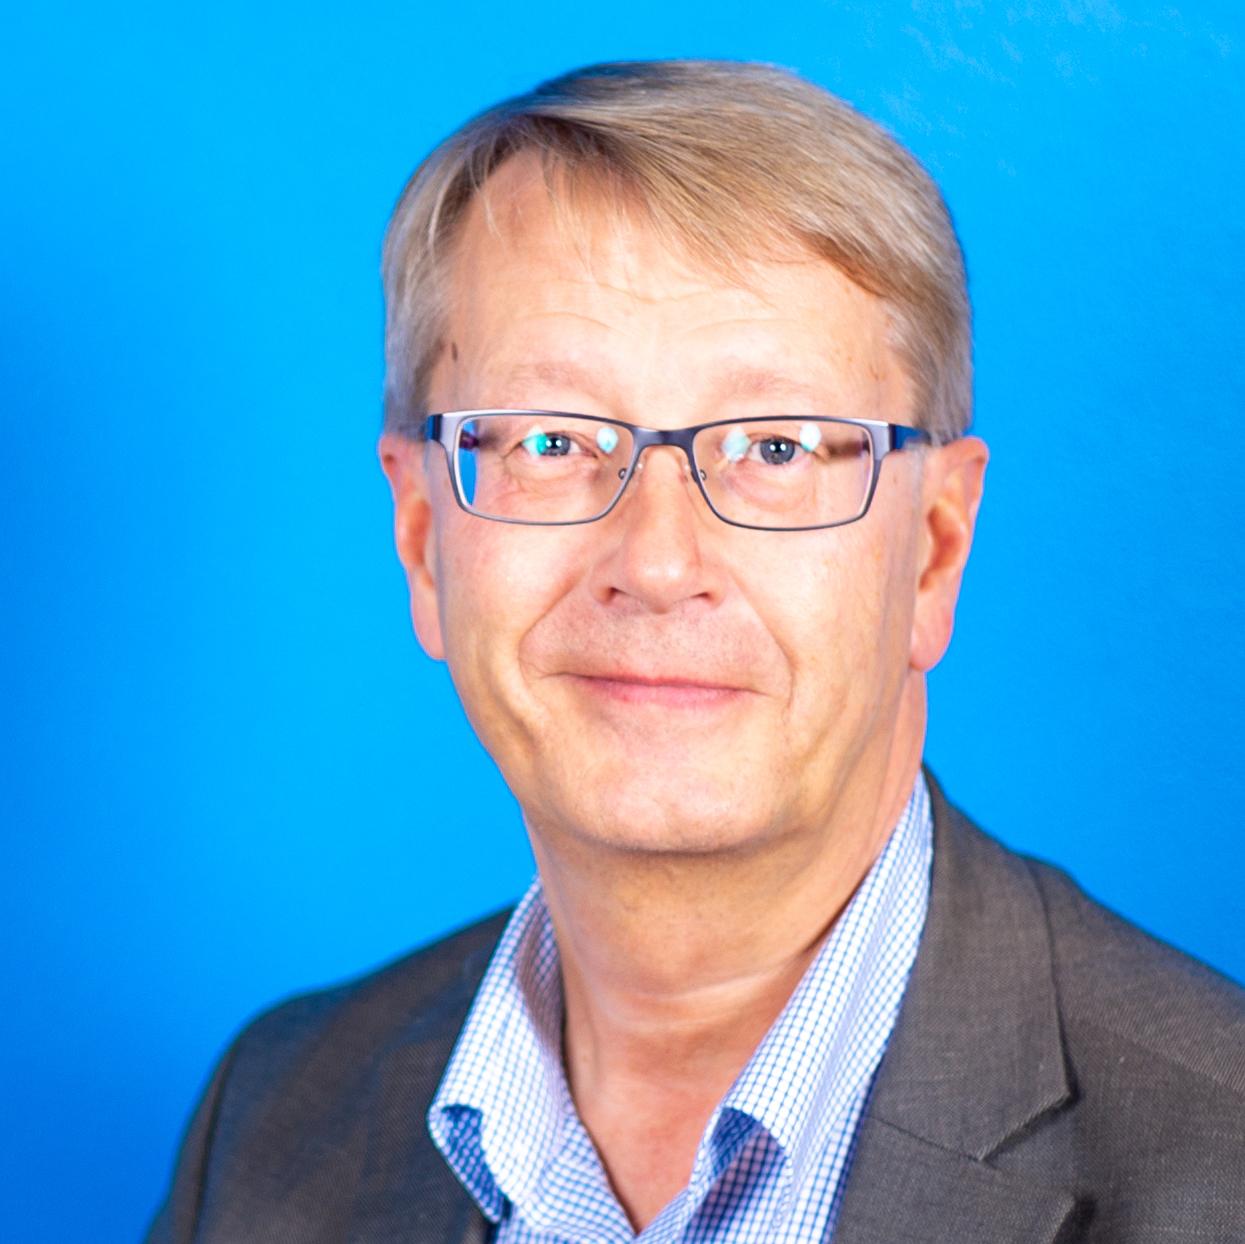 Jussi Kumpulainen